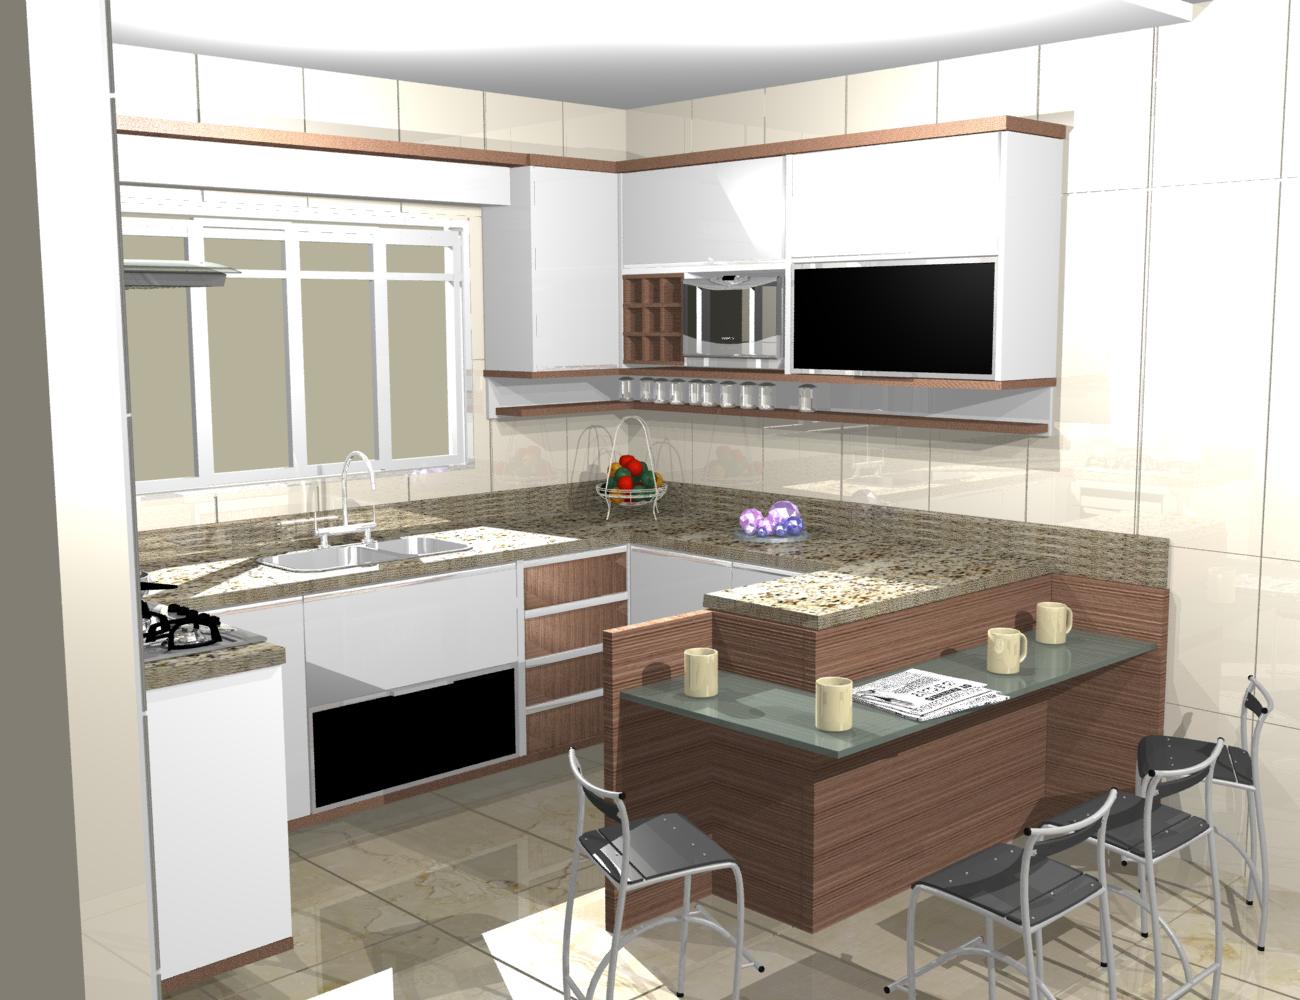 cozinhas pias para cozinhas revestimento para cozinhas cozinhas #763B90 1300 1000